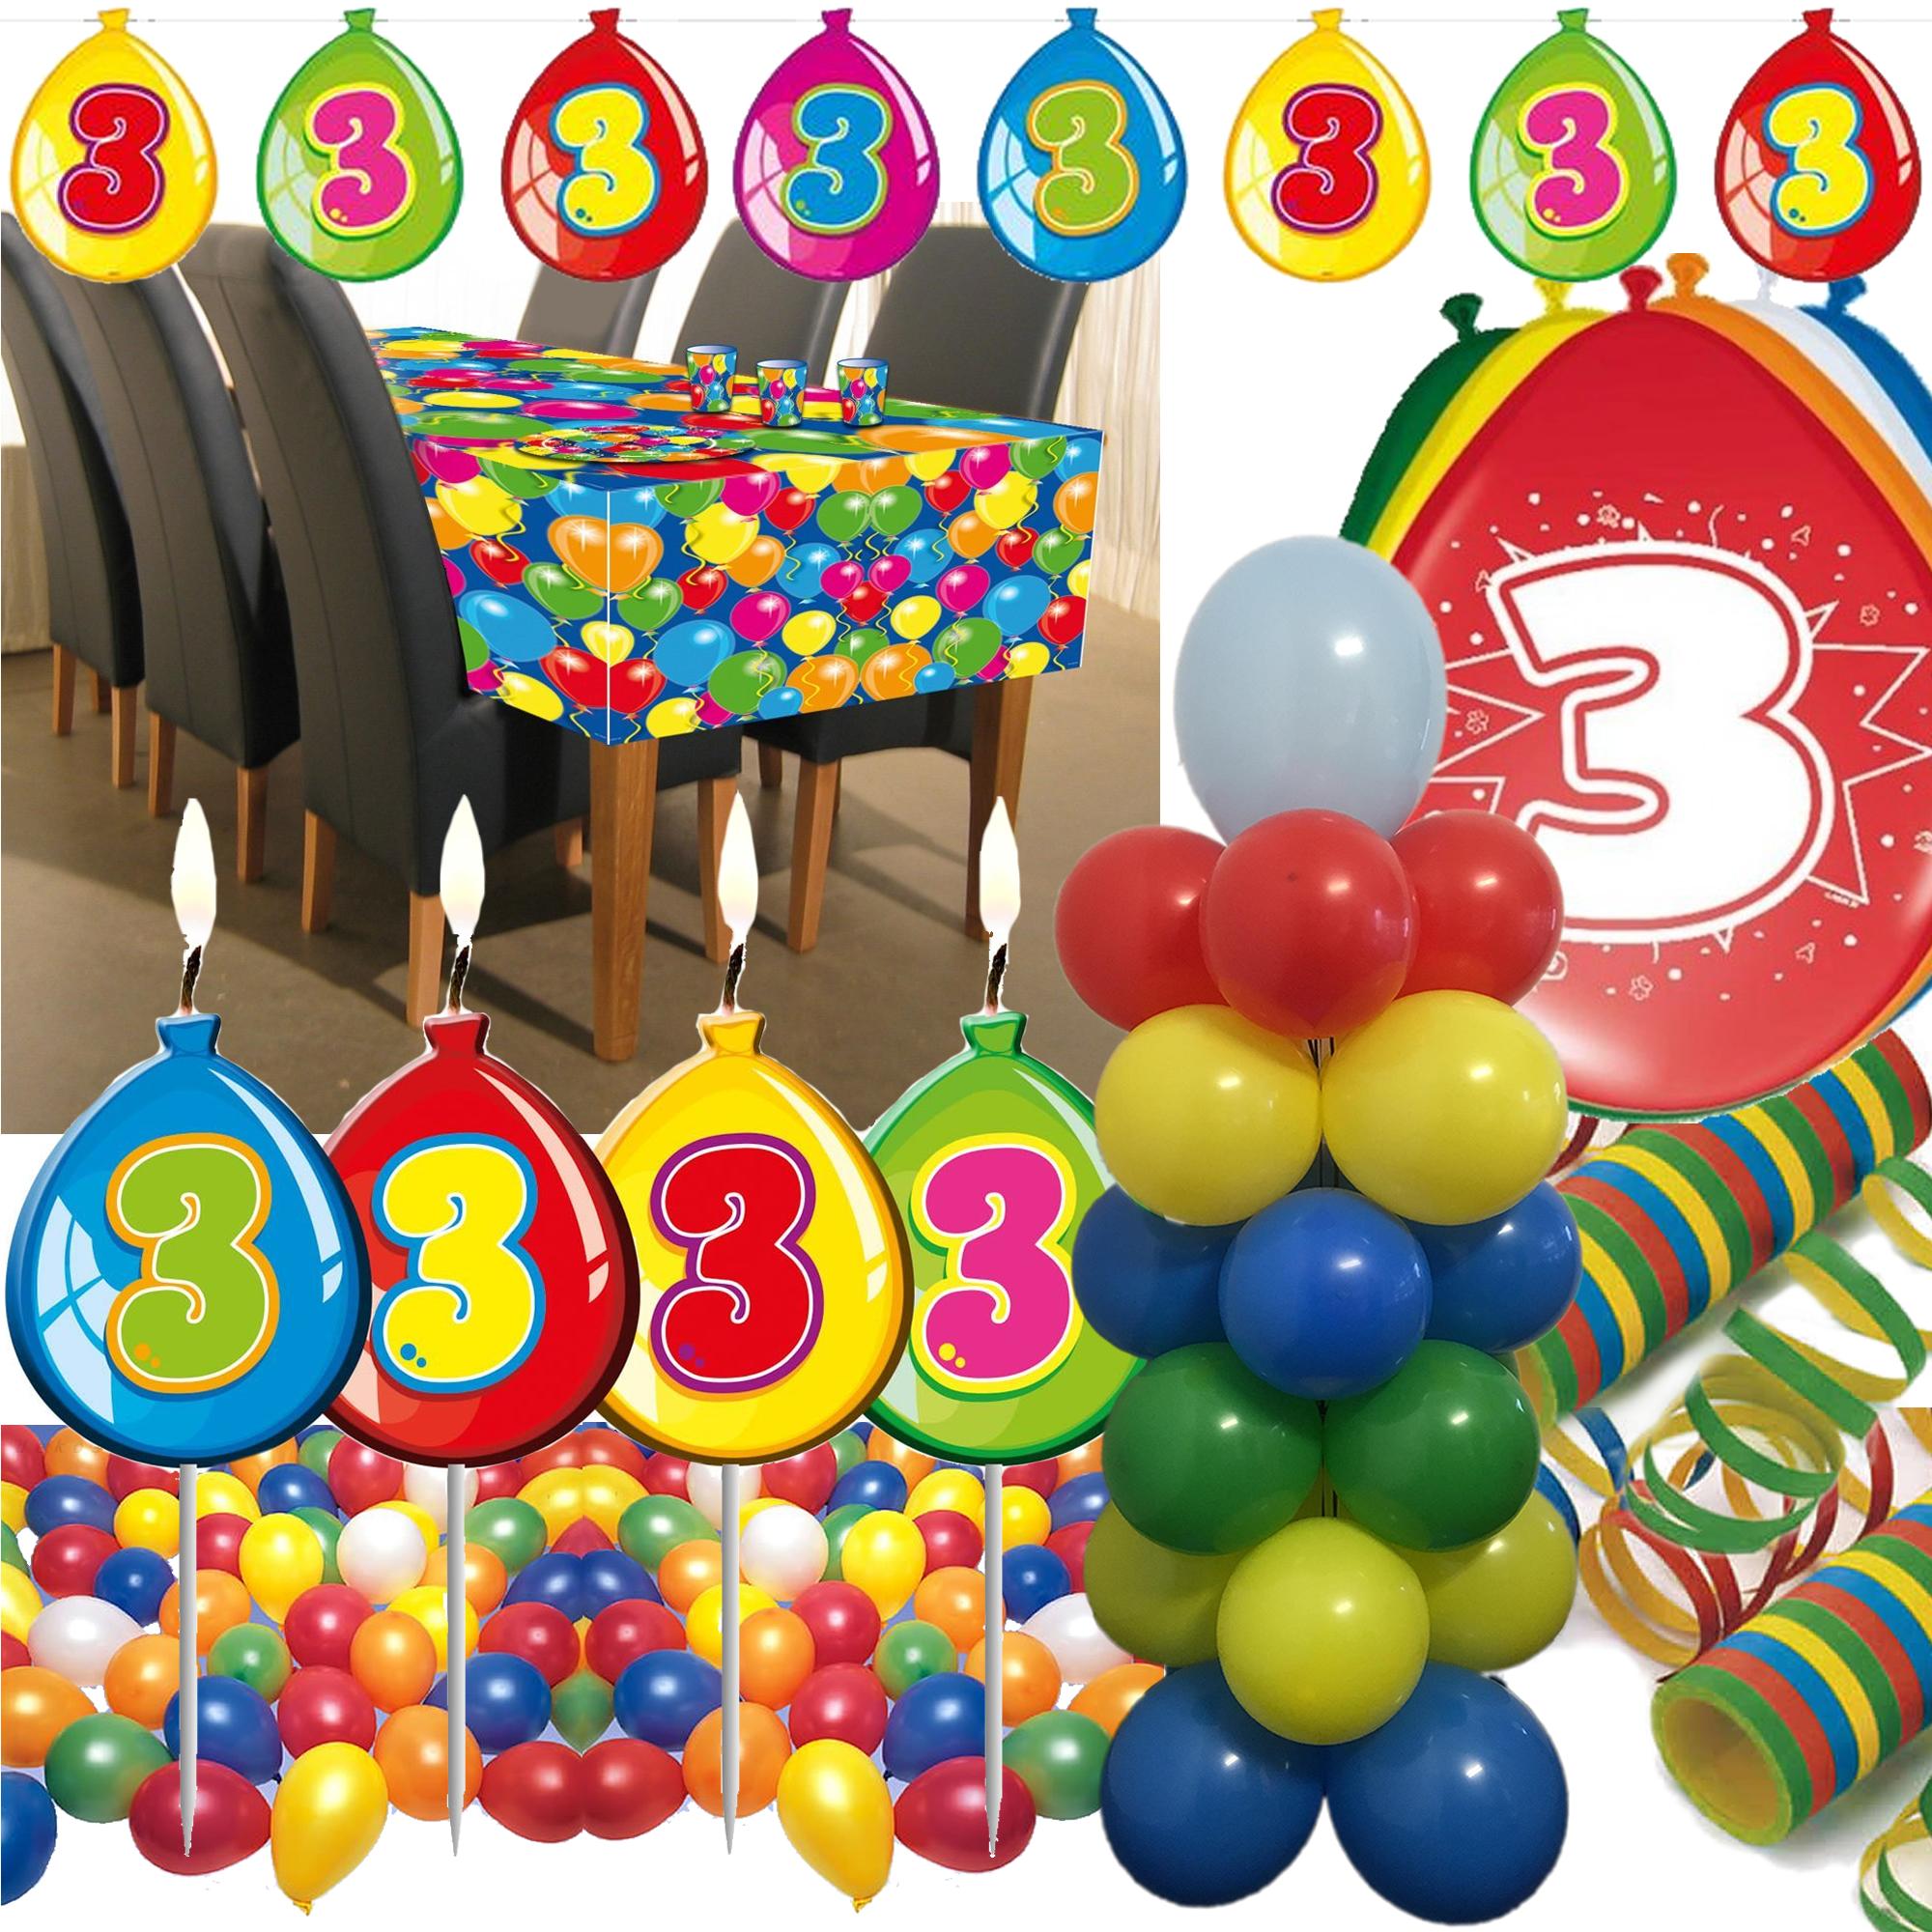 15 Gramm Pferde-Konfetti in Metallic zur Dekoration //// Kinder Geburtstag Kinderparty Deko